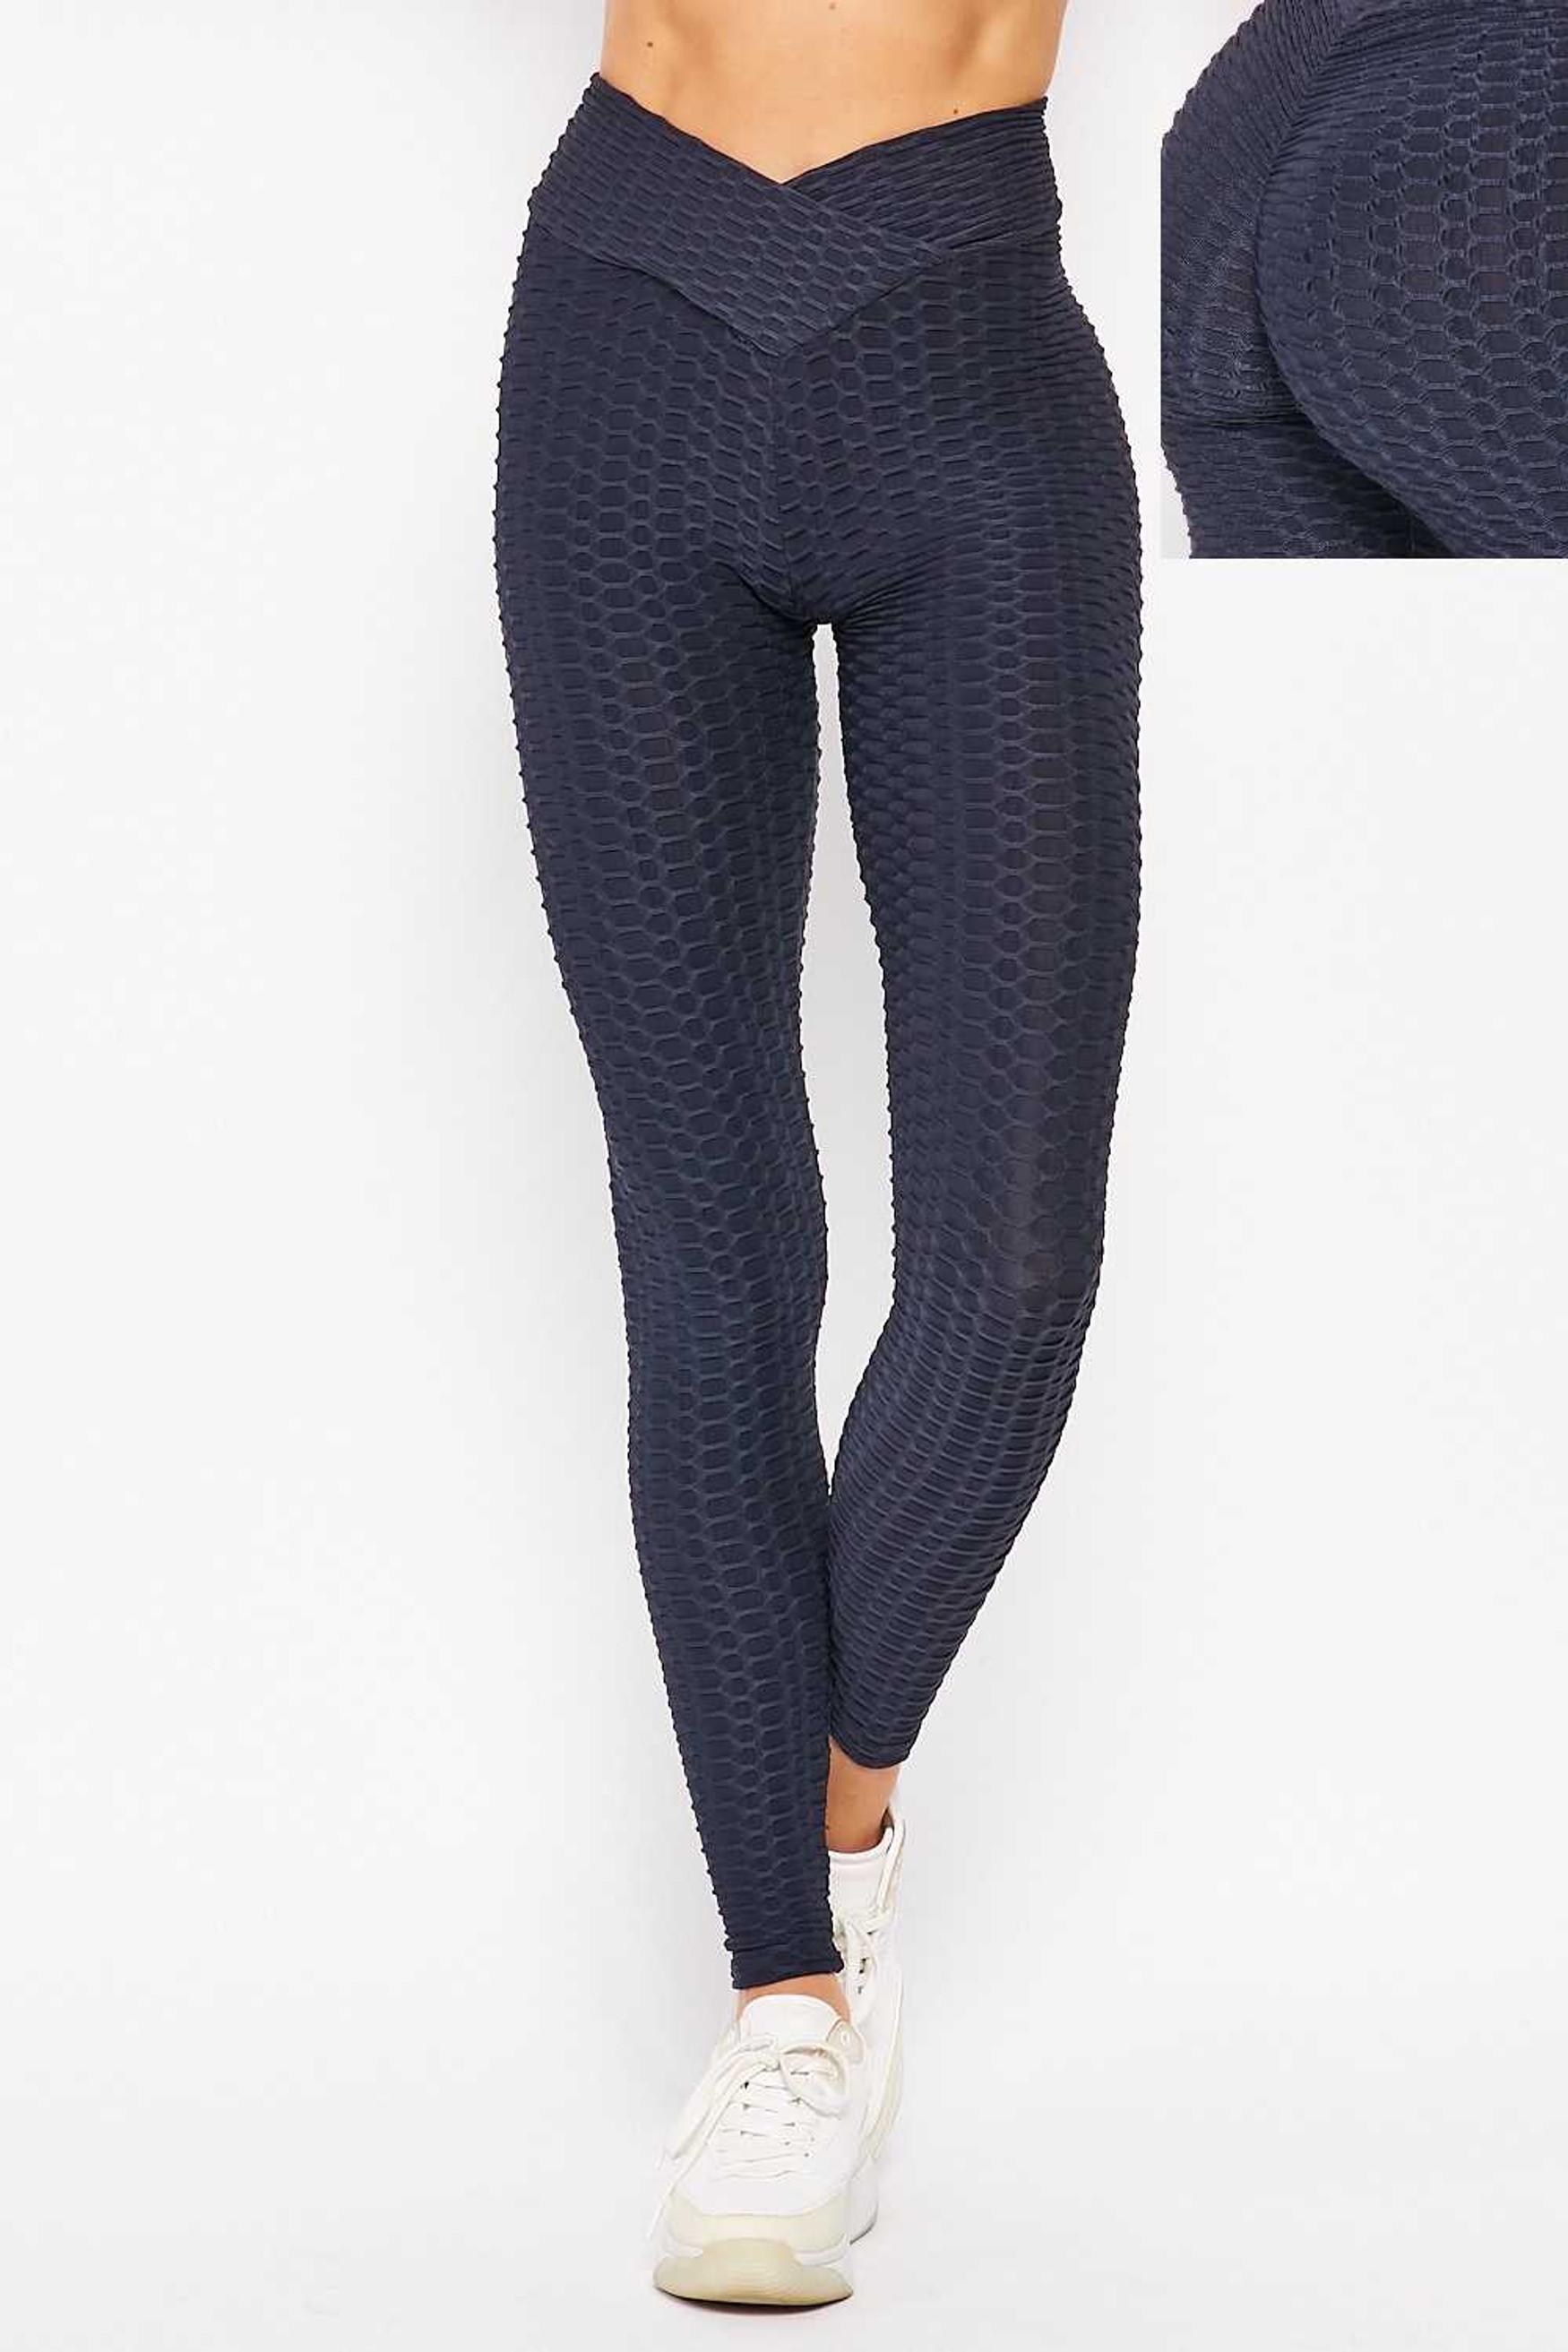 Scrunch Butt Textured V-Waist High Waisted Leggings